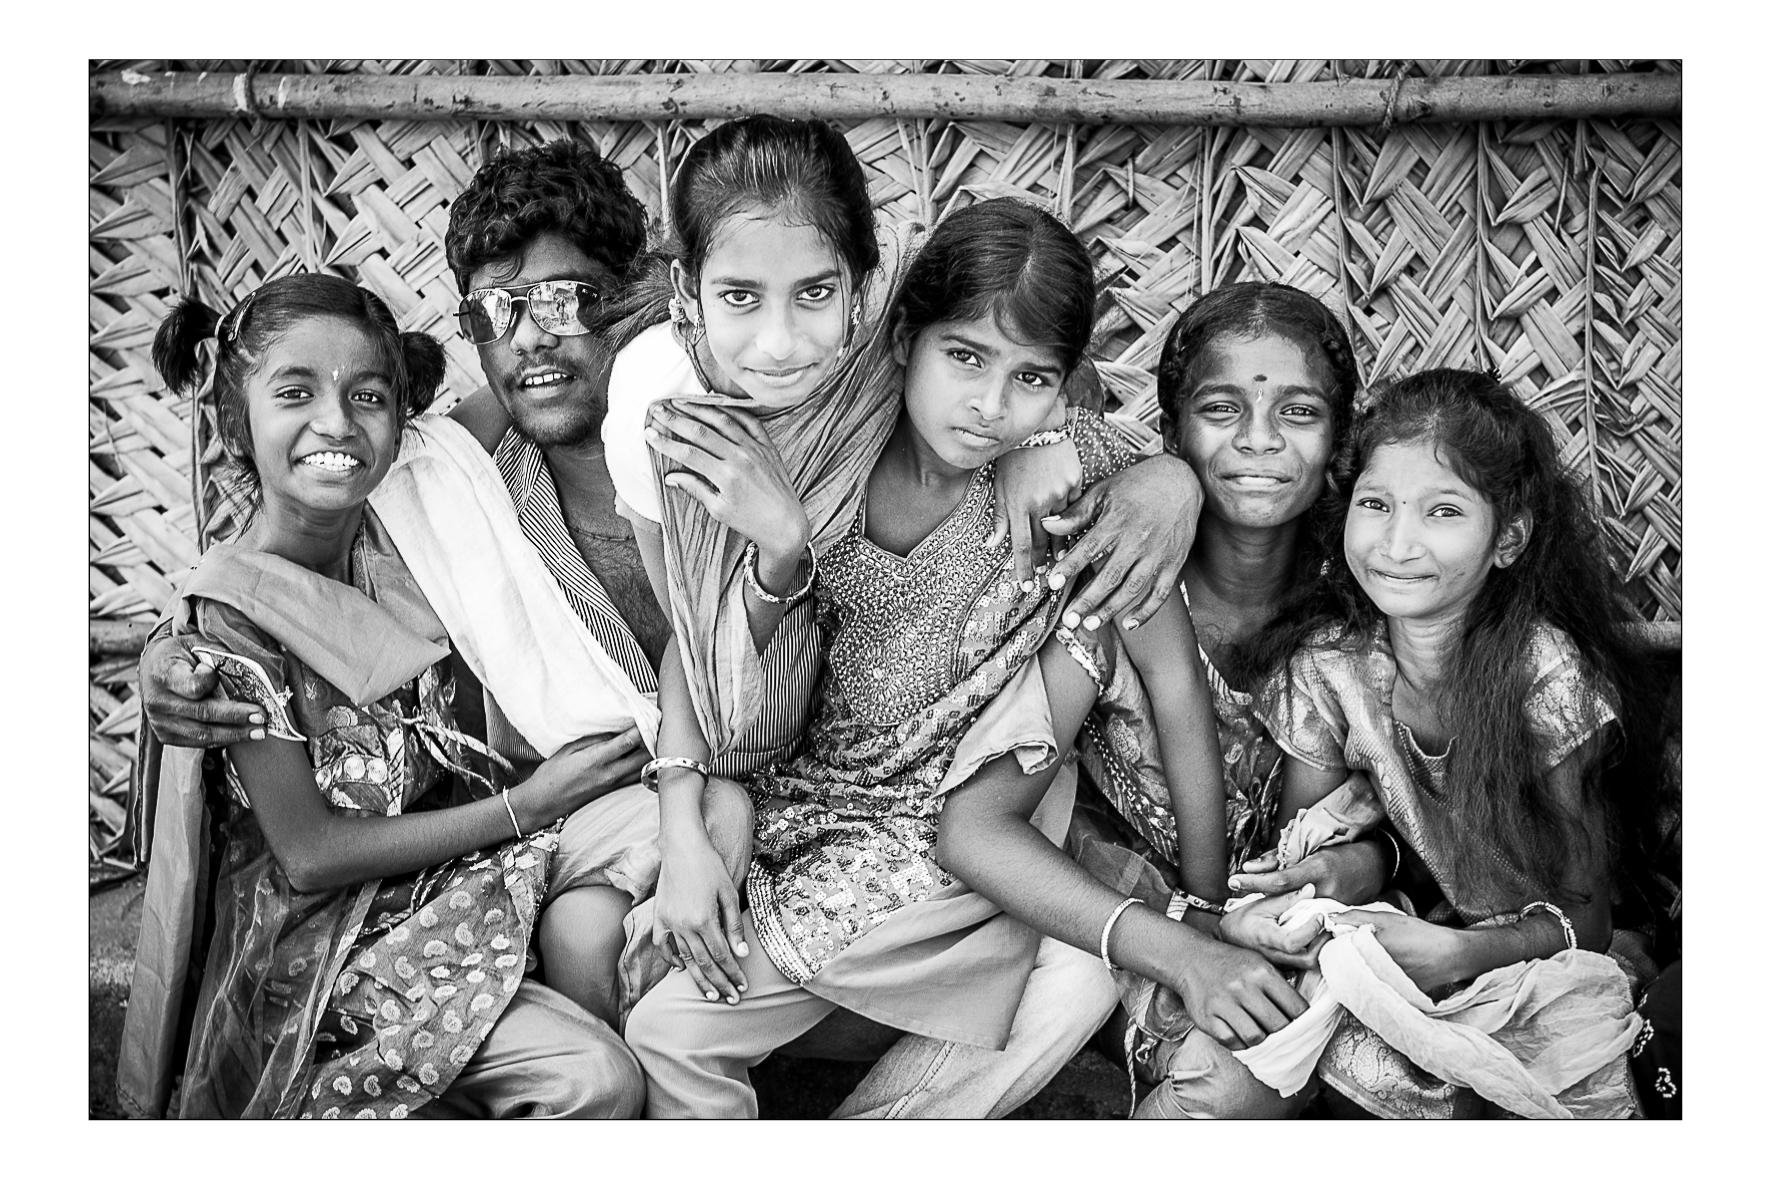 Kottakuppam, Inde 2014.